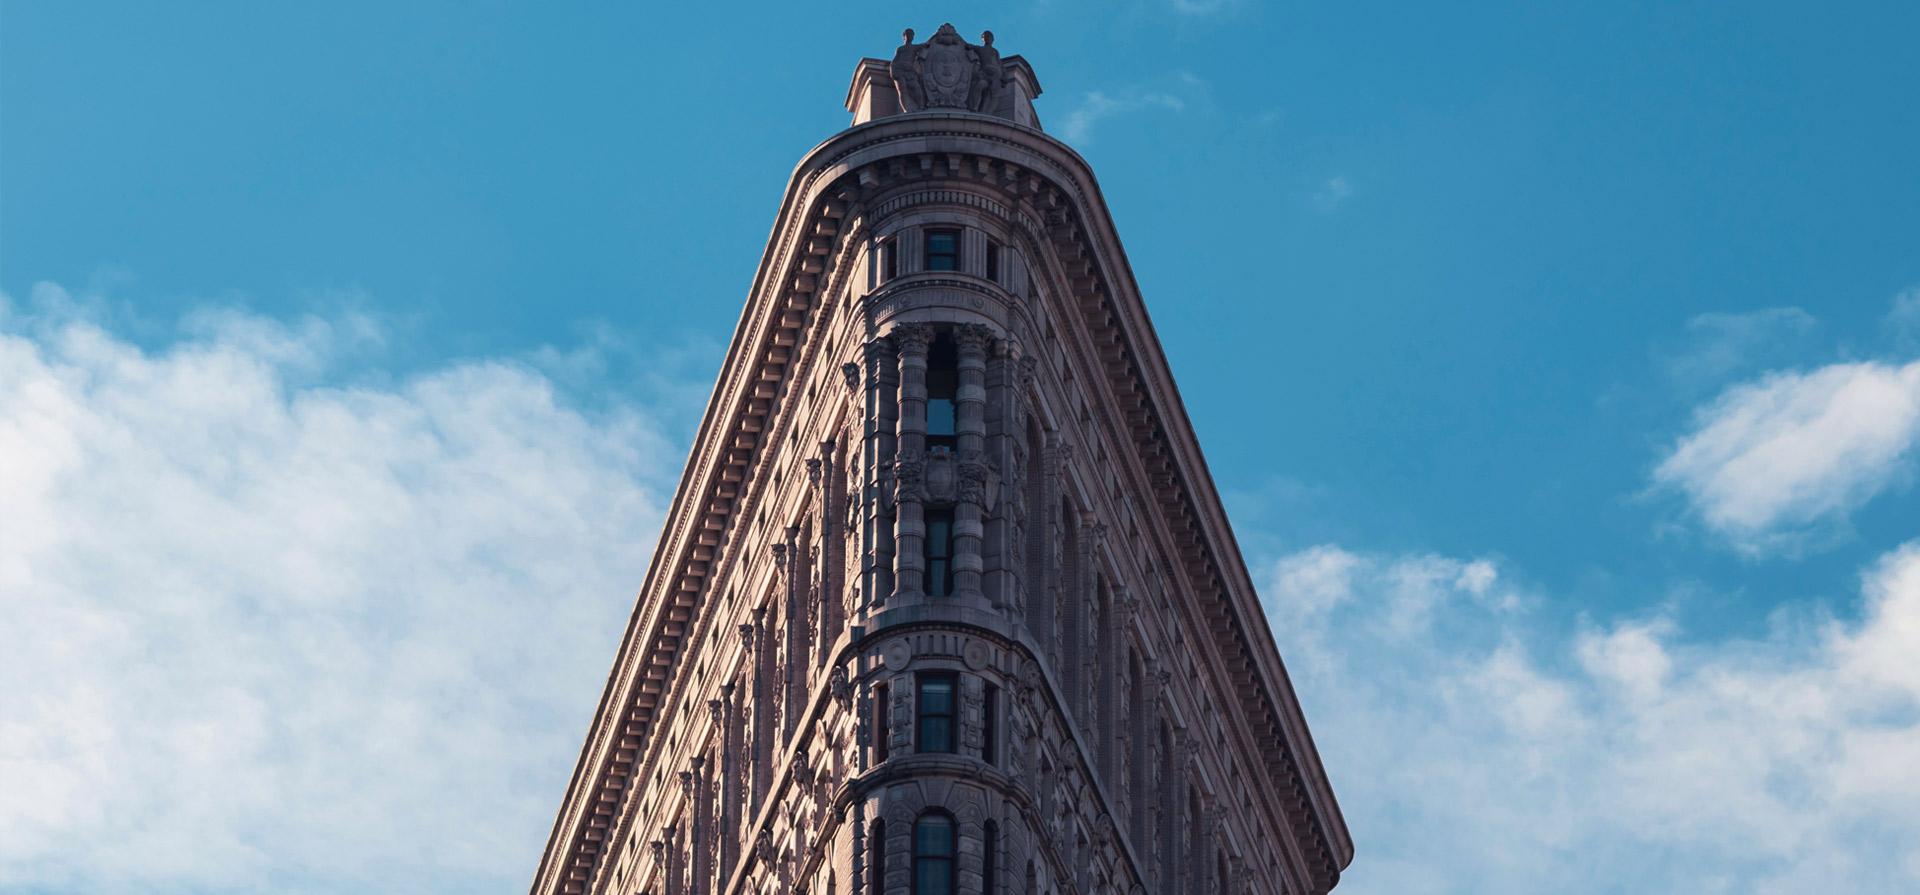 Visionet opens digital design center in Flatiron District, NYC